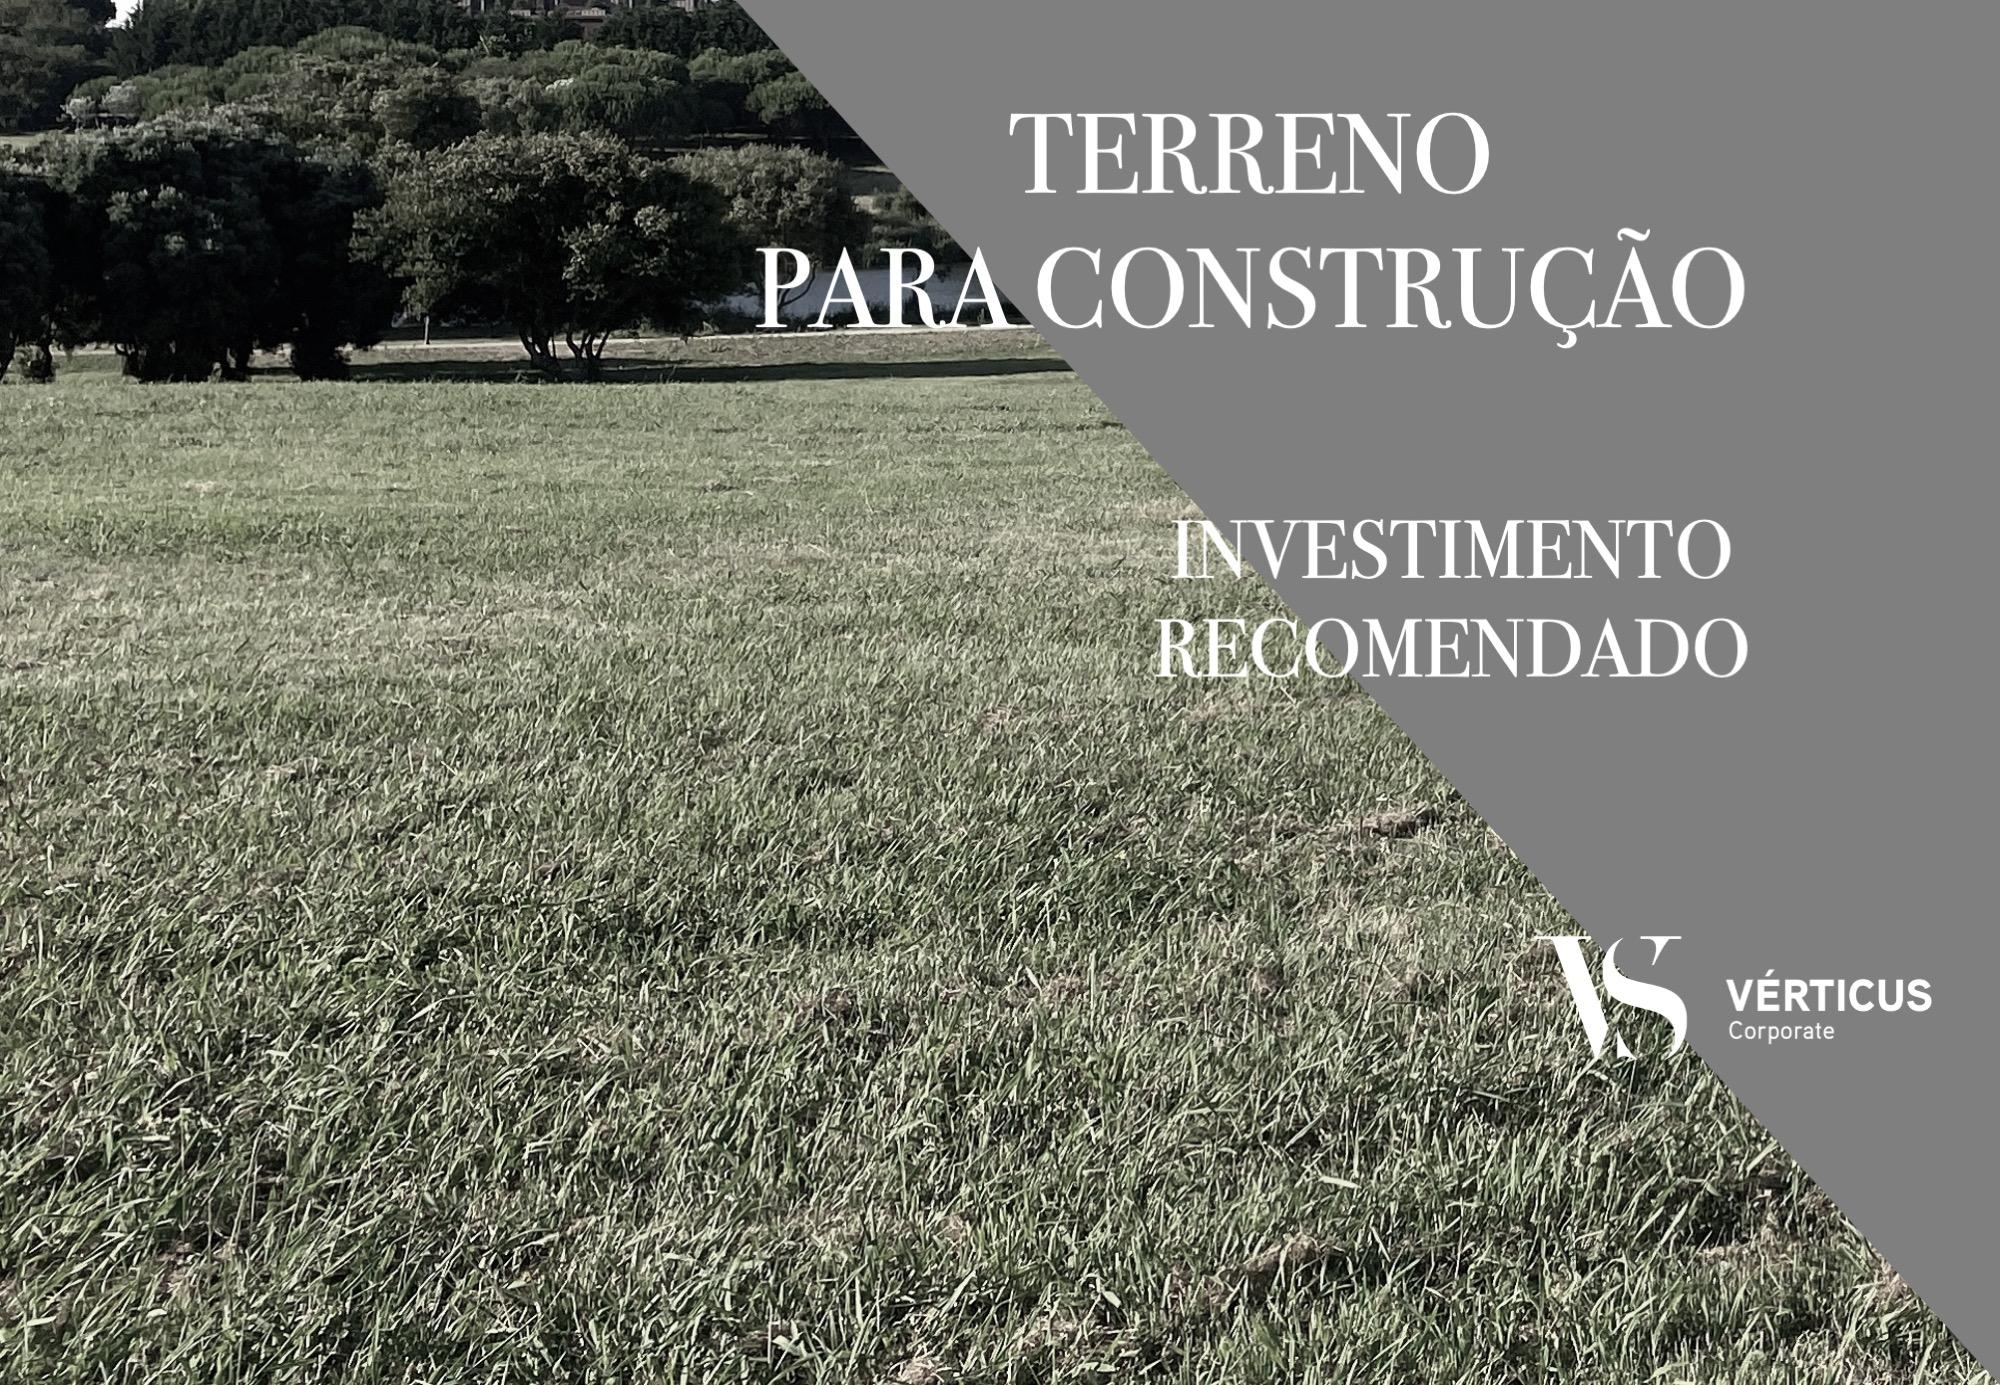 Terreno com PIP aprovado na Zona Industrial do Porto junto ao Metro